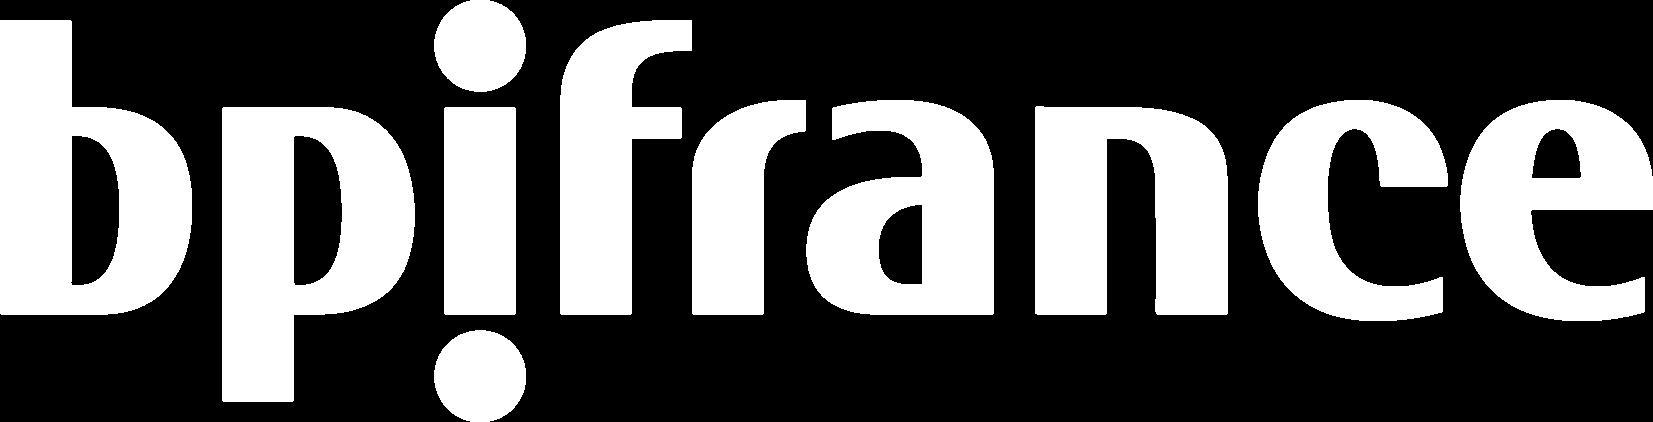 Logo bpi france blanc